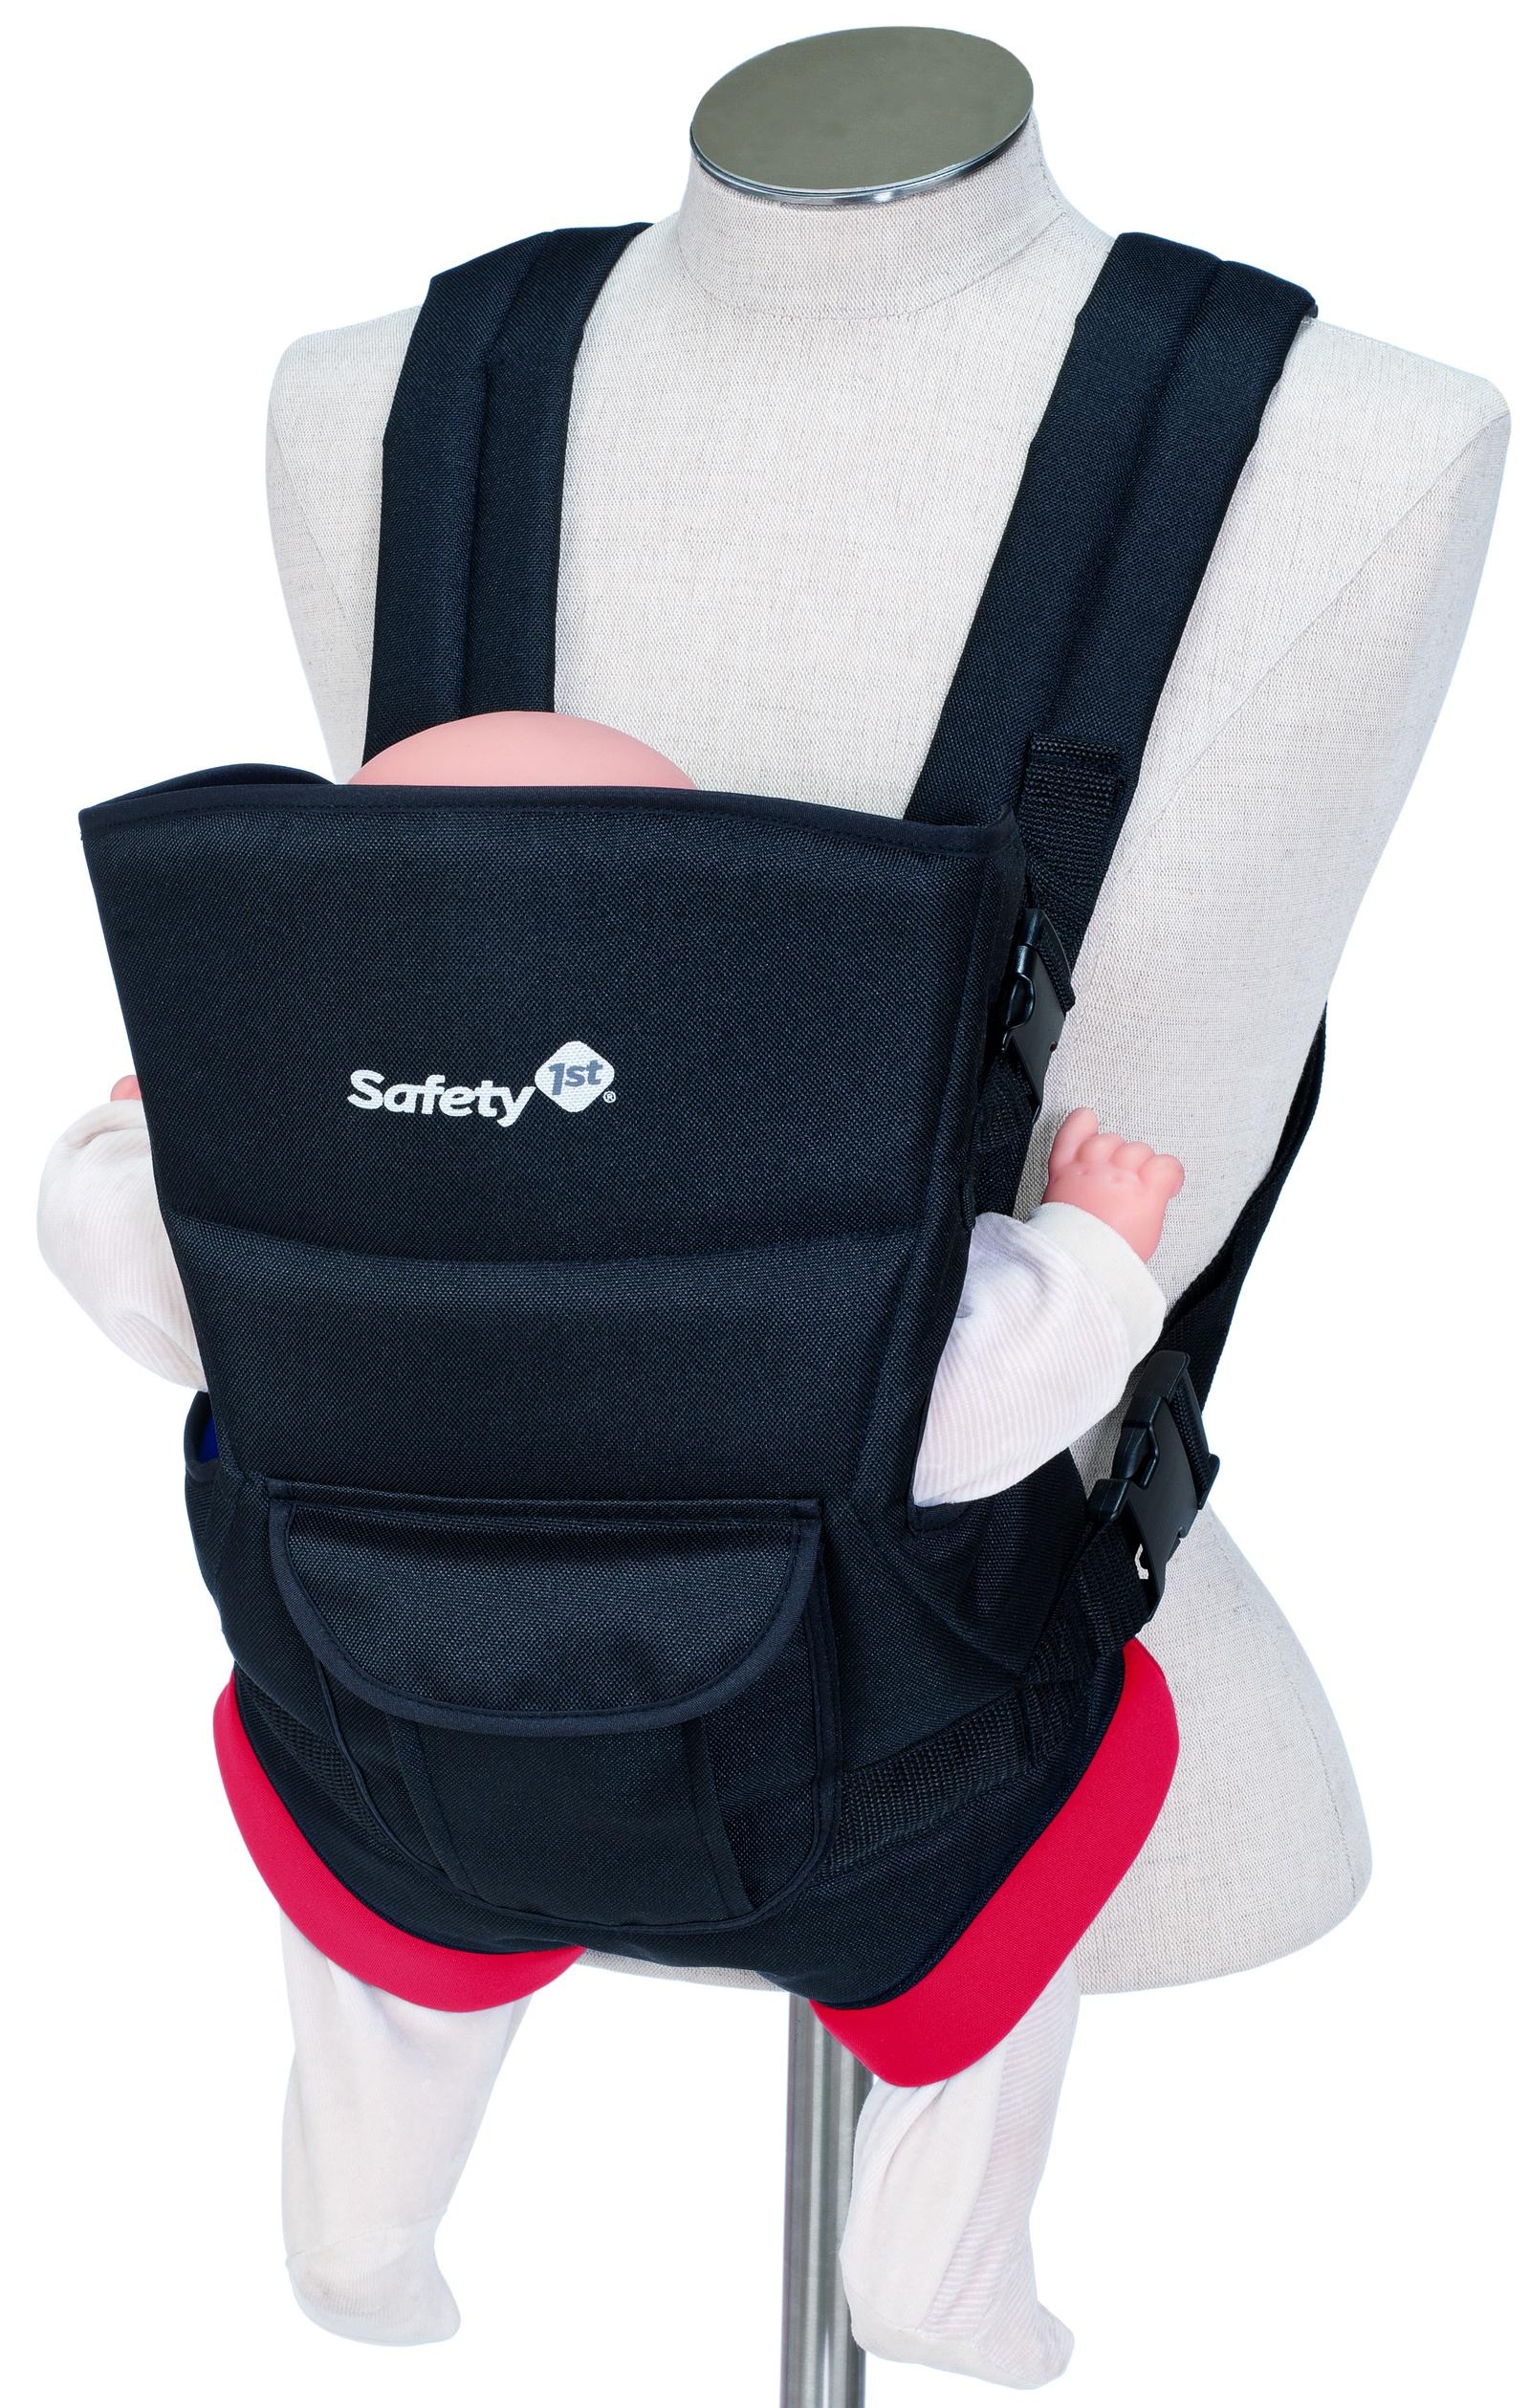 Кенгуру Safety 1st UNI-T 2601885000, 2601885000 черный, красный2601885000Рюкзак-кенгуру Safety 1st UNI-T. Очень удобная модель для ношения малыша с дополнительной поддержкой облегчает нагрузку на родителя. Основные характеристики:•сумка-кенгуру подходит для детей весом от 3,5 до 9 кг ;•вы можете легко достать ребенка из рюкзачка; •мягкие подкладки внутри рюкзачка позволяют ребенку чувствовать себя комфортно и безопасно; •нагрузка распределяется на плечи и спину родителя равномерно; •для большего комфорта родителей дополнительная поддержка для спины и широкие плечевые ремни; •специальная ткань предотвращает потение ребенка; •два положения ребенка - лицом к маме и лицом к дороге; •рюкзак регулируется по высоте и ширине - растет вместе с Вашим ребенком; •кармашек для мелочей сбоку. Вес: 575 г.